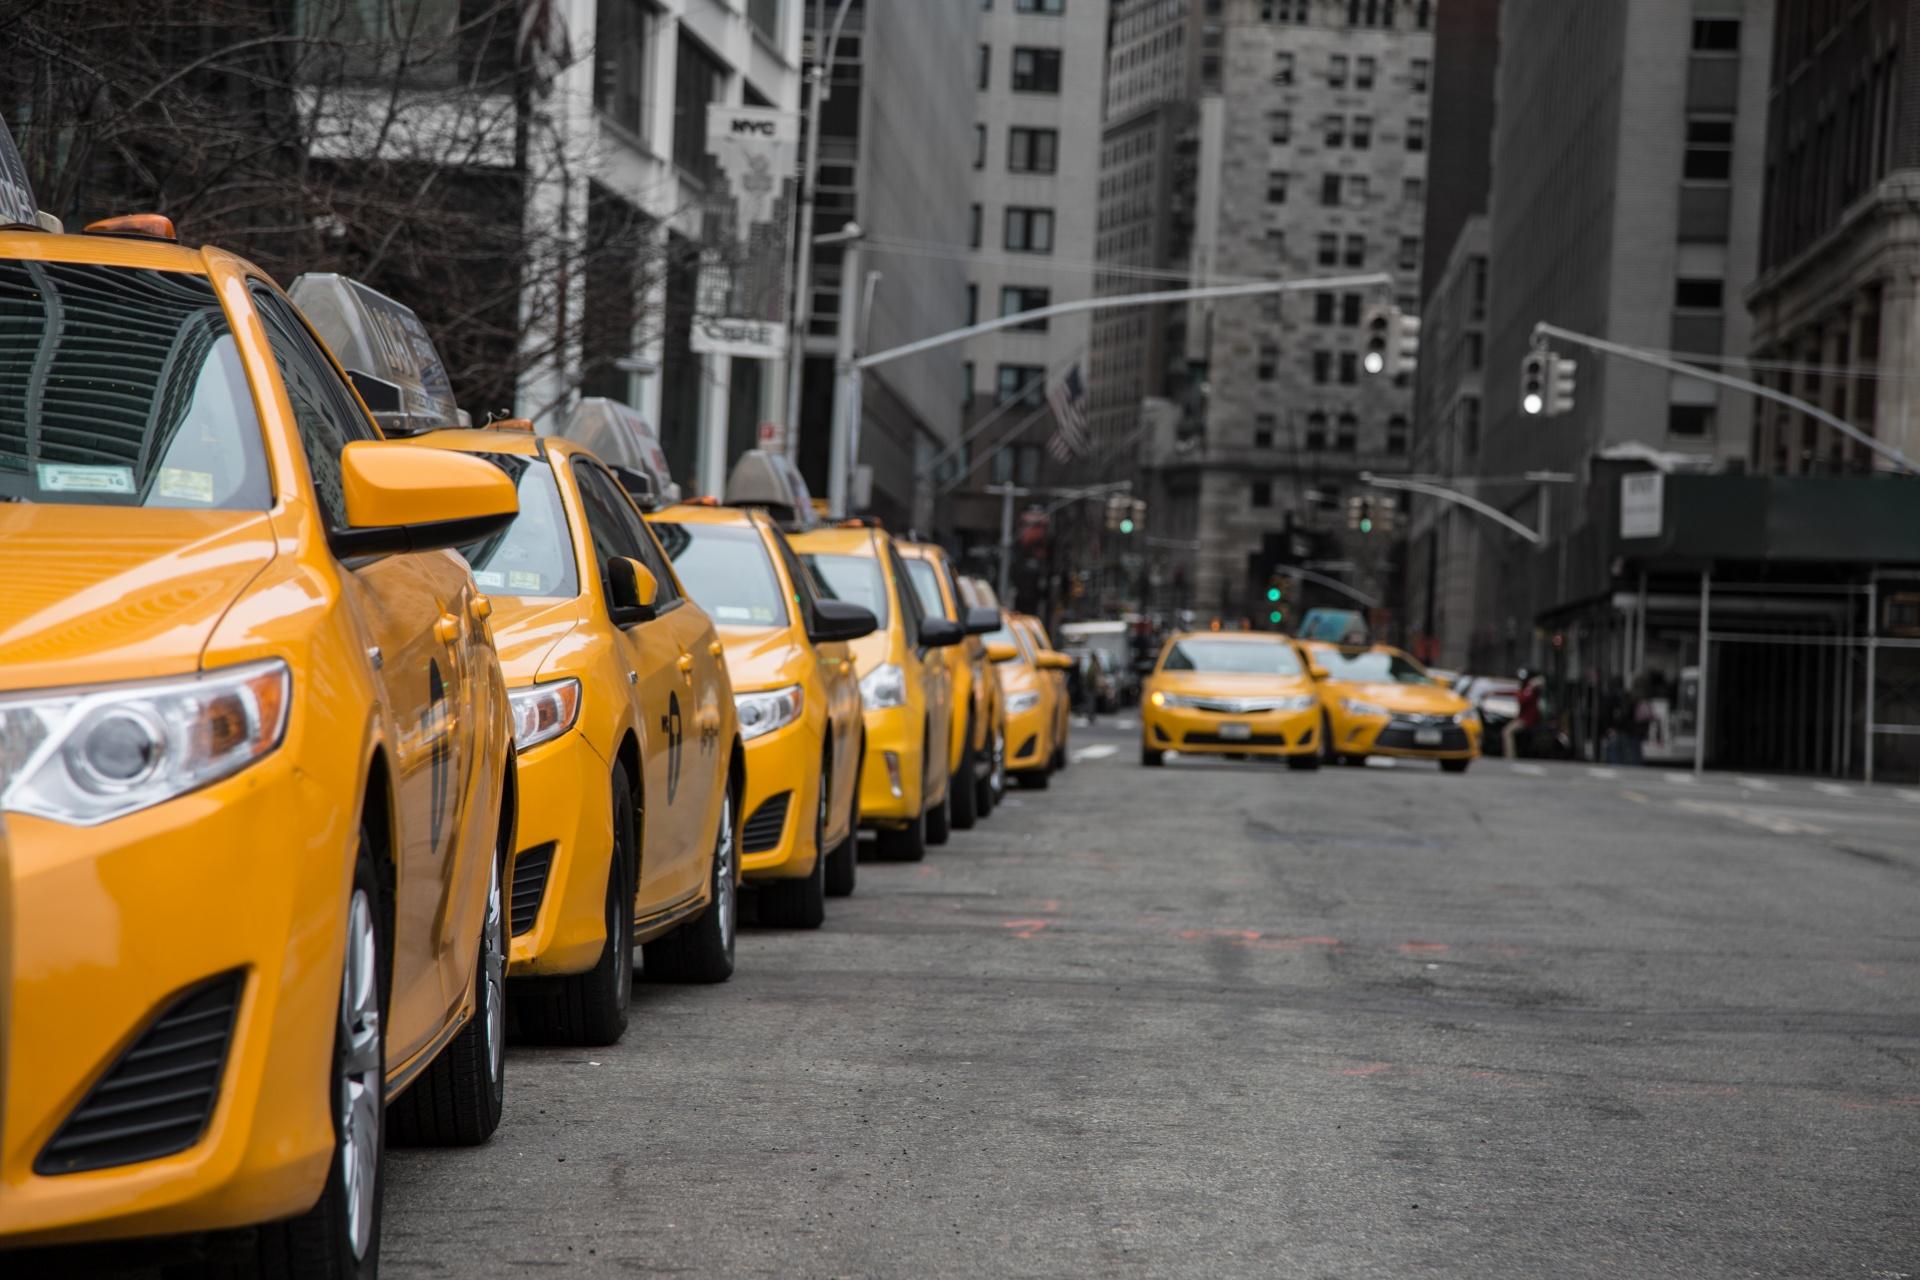 Такси с автомобилями. Чистая прибыль 100 000 руб.